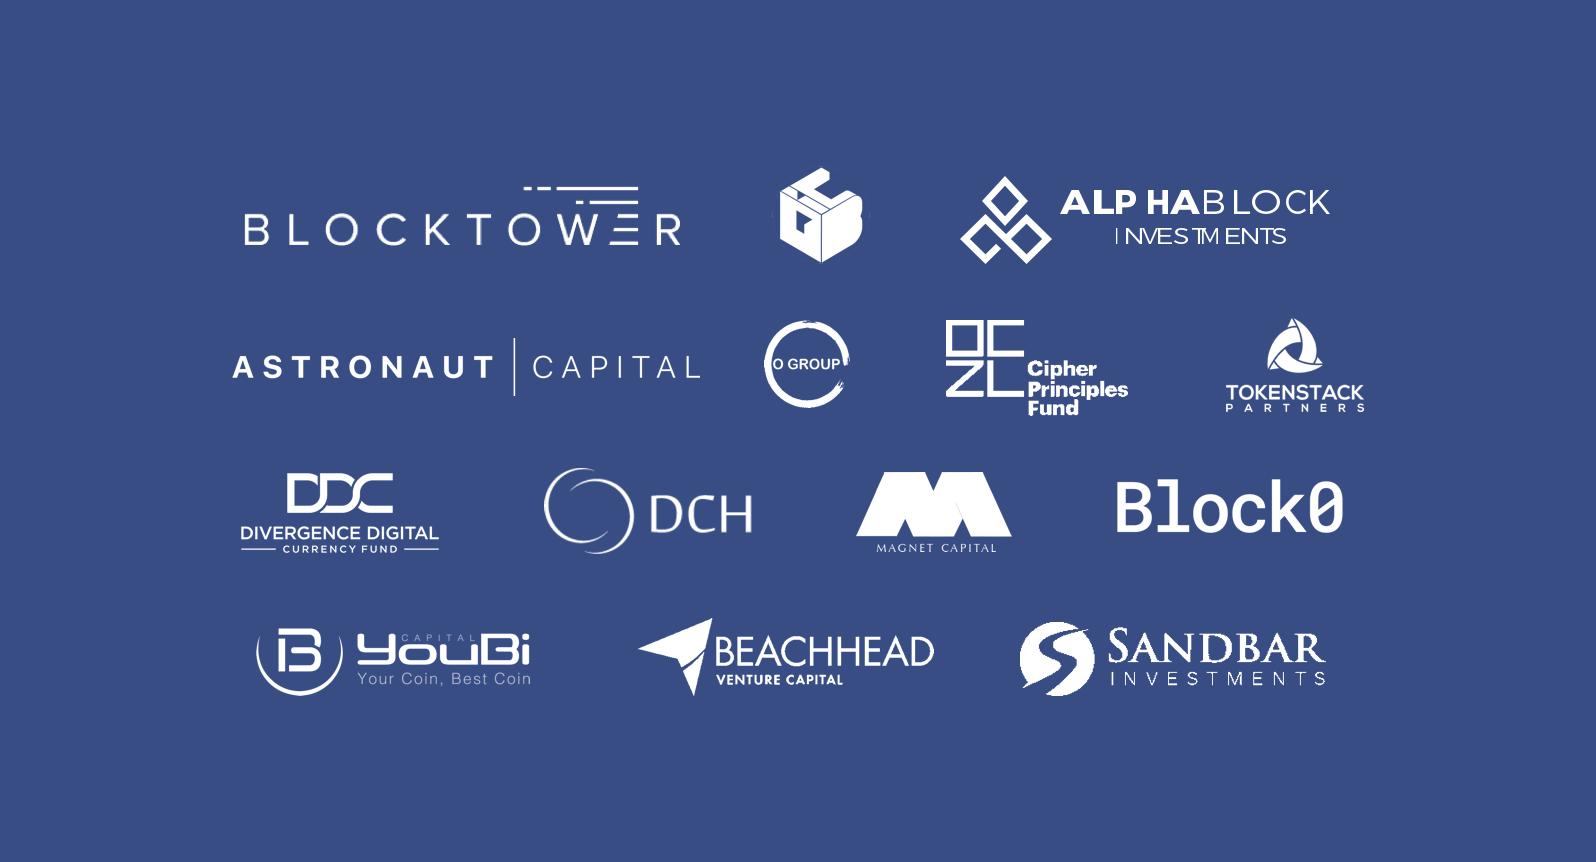 BlockTower Set to Invest in Havven